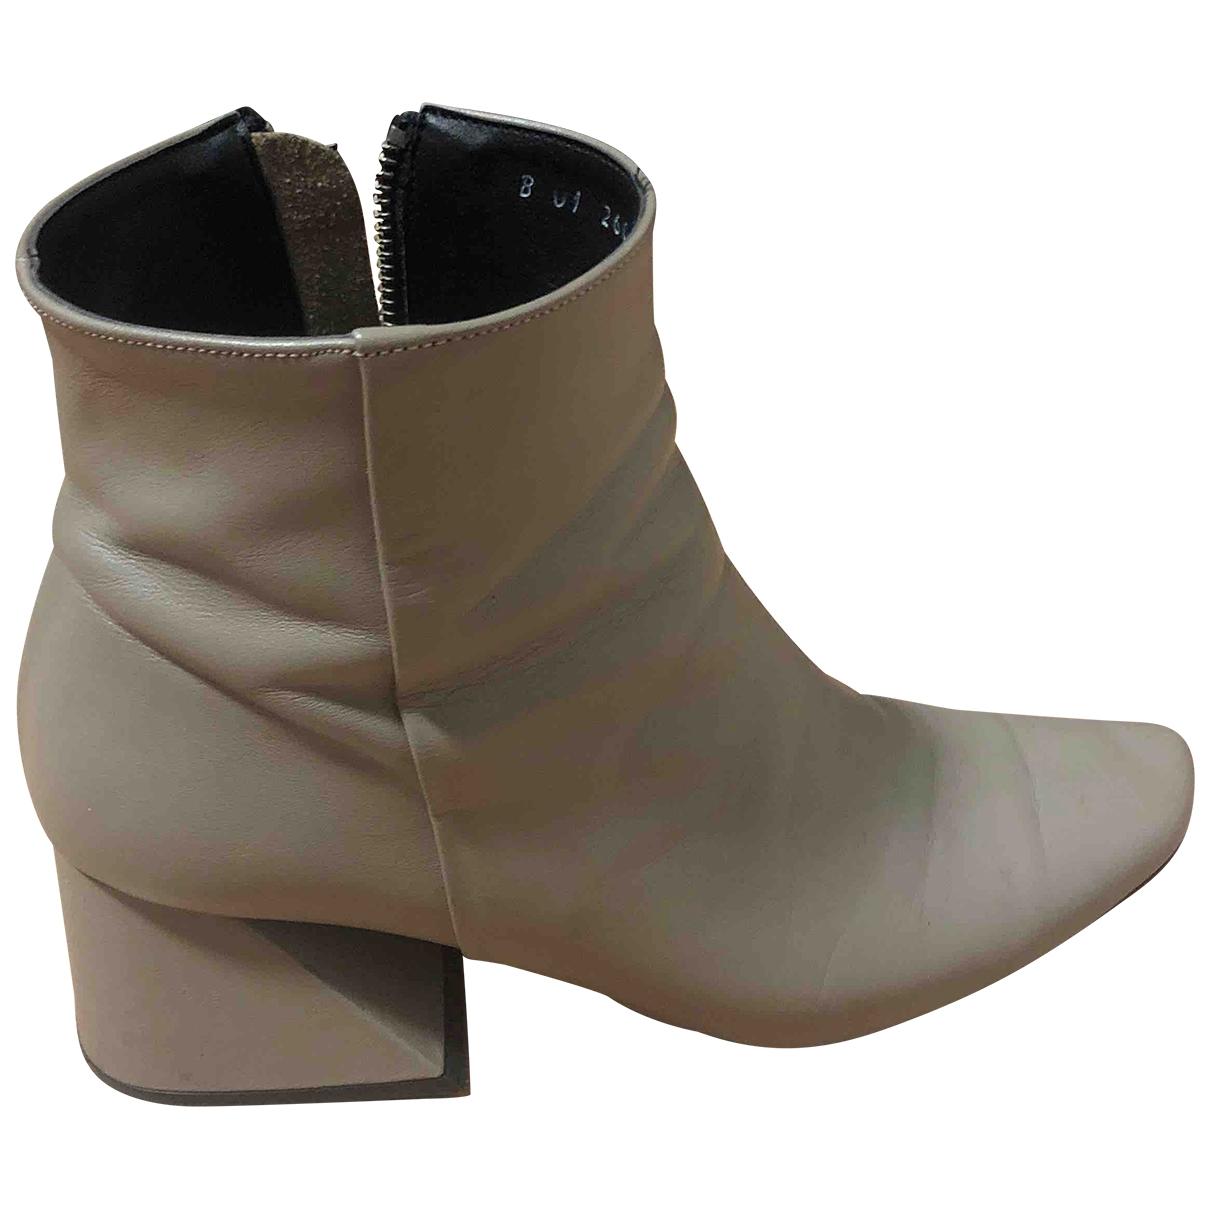 Yuul Yie - Boots   pour femme en cuir - beige